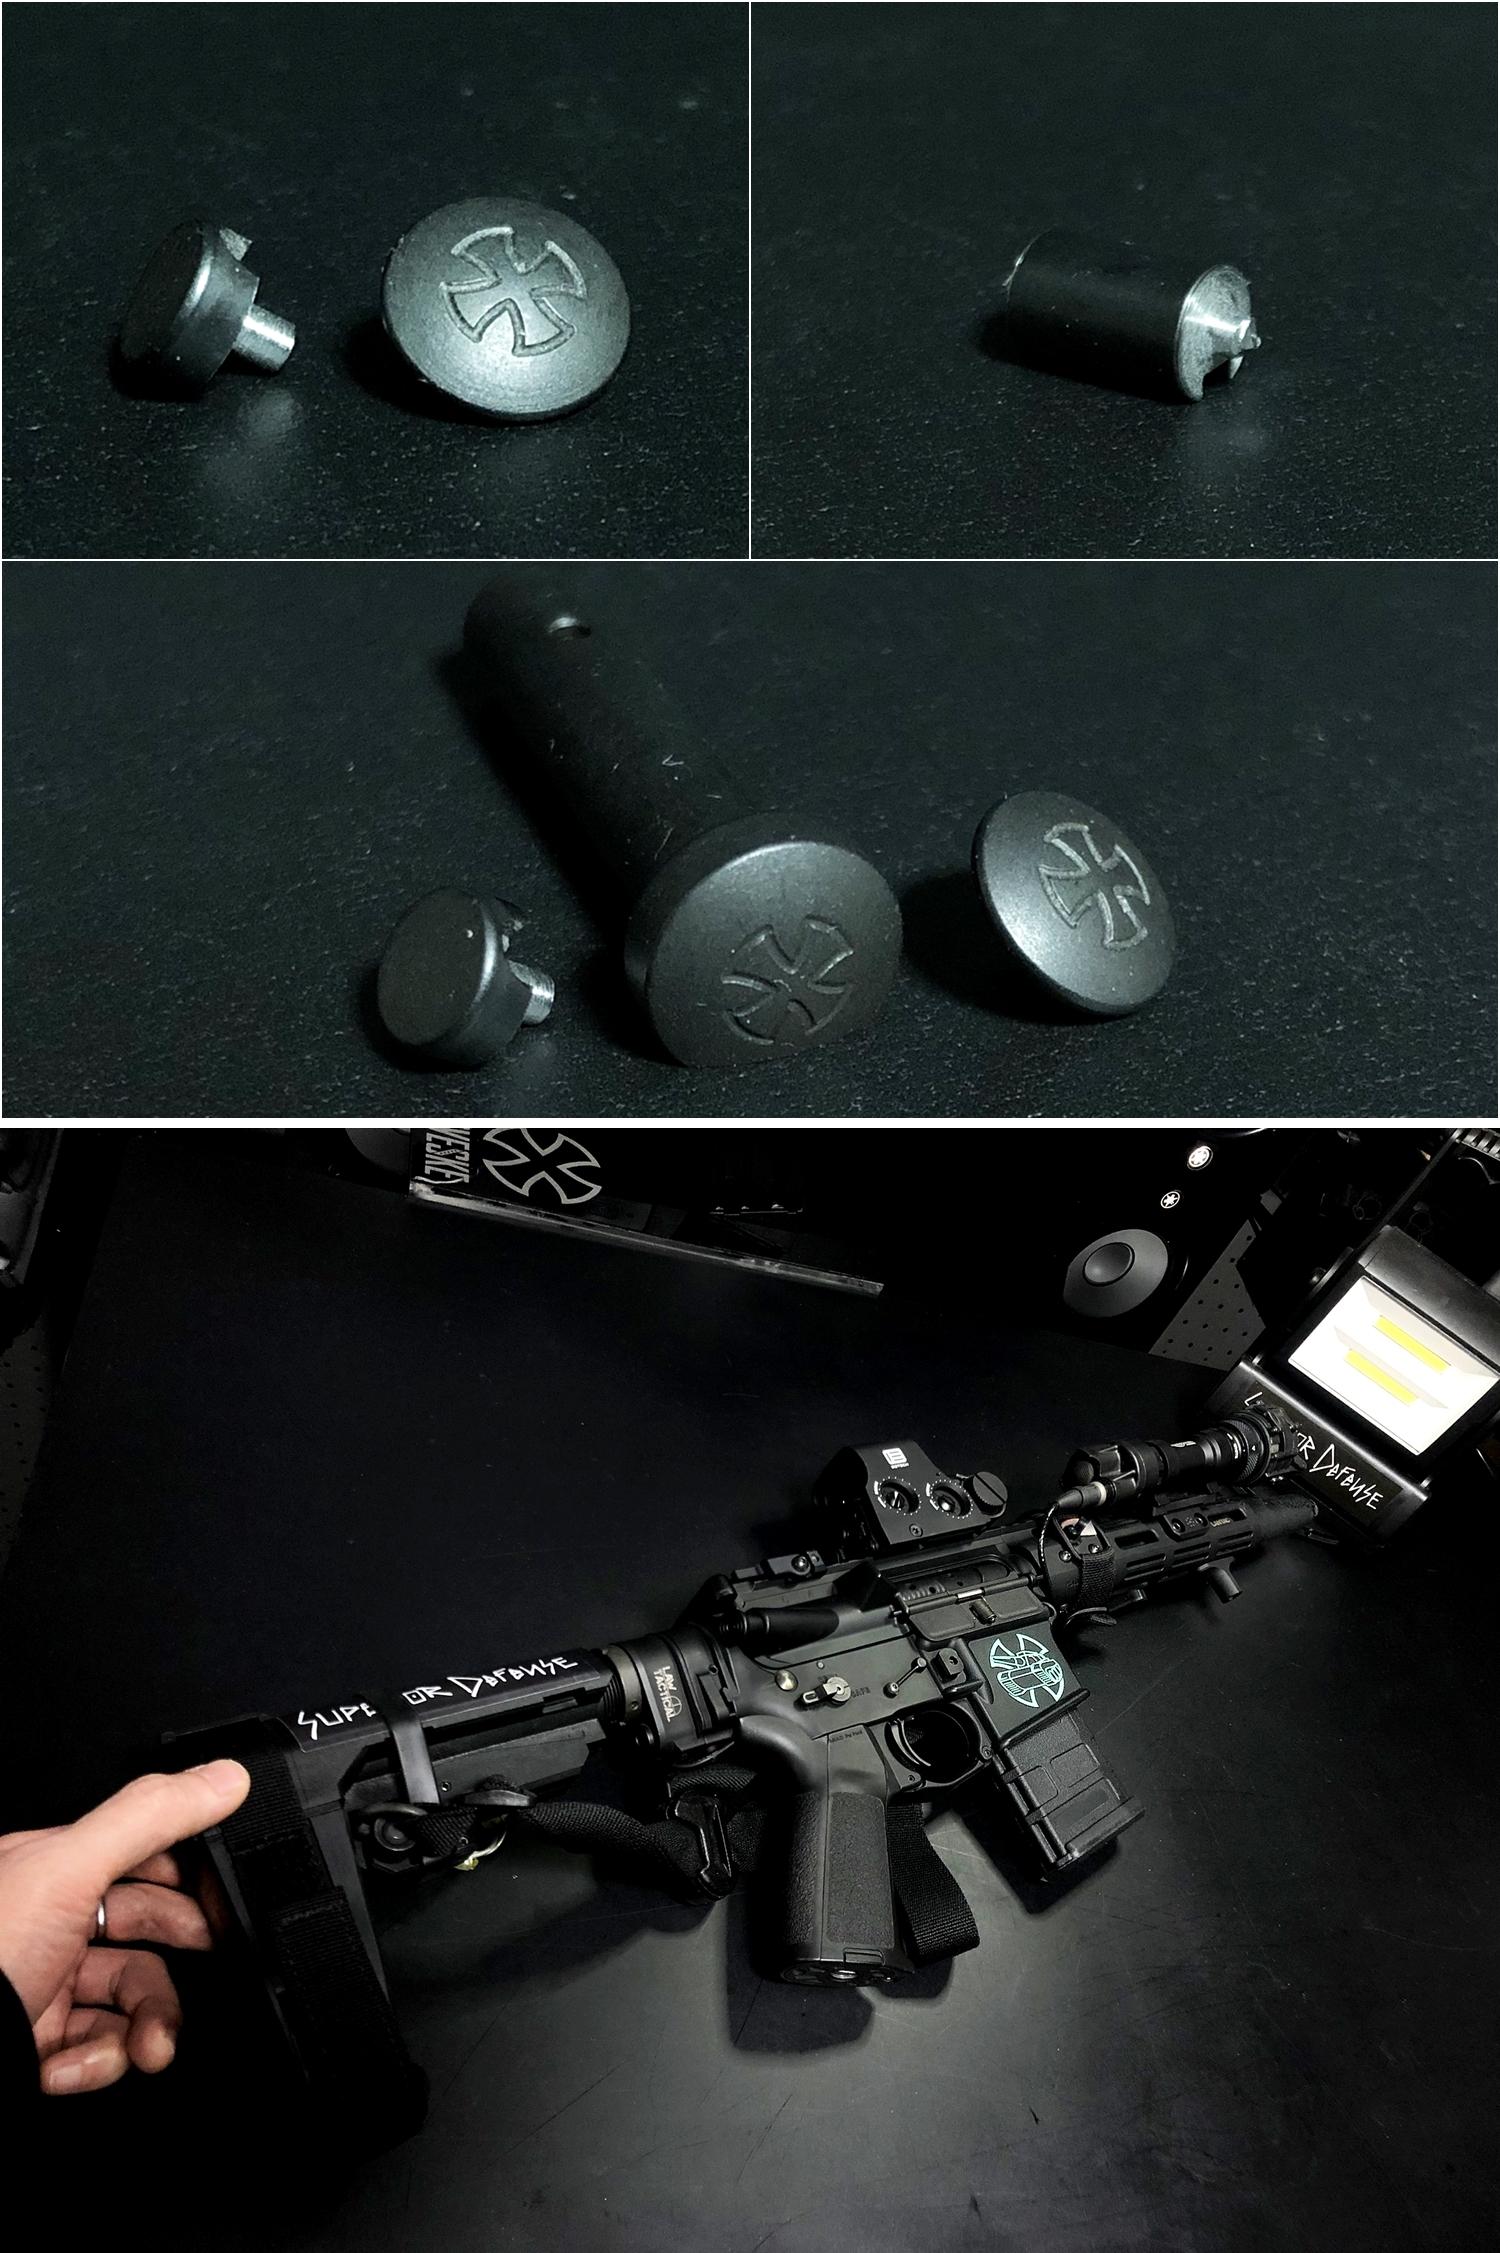 15 実物 NOVESKE AR-15 TAKEDOWN & PIVOT STEEL PIN!! 実物ピンを次世代M4へ対応させるべく簡易的DIY加工だ!ノベスケ ノベスキー スチール テイクダウン ピポッドピン! DIY 加工 カスタム 簡易的 旋盤加工 取付 レビュー